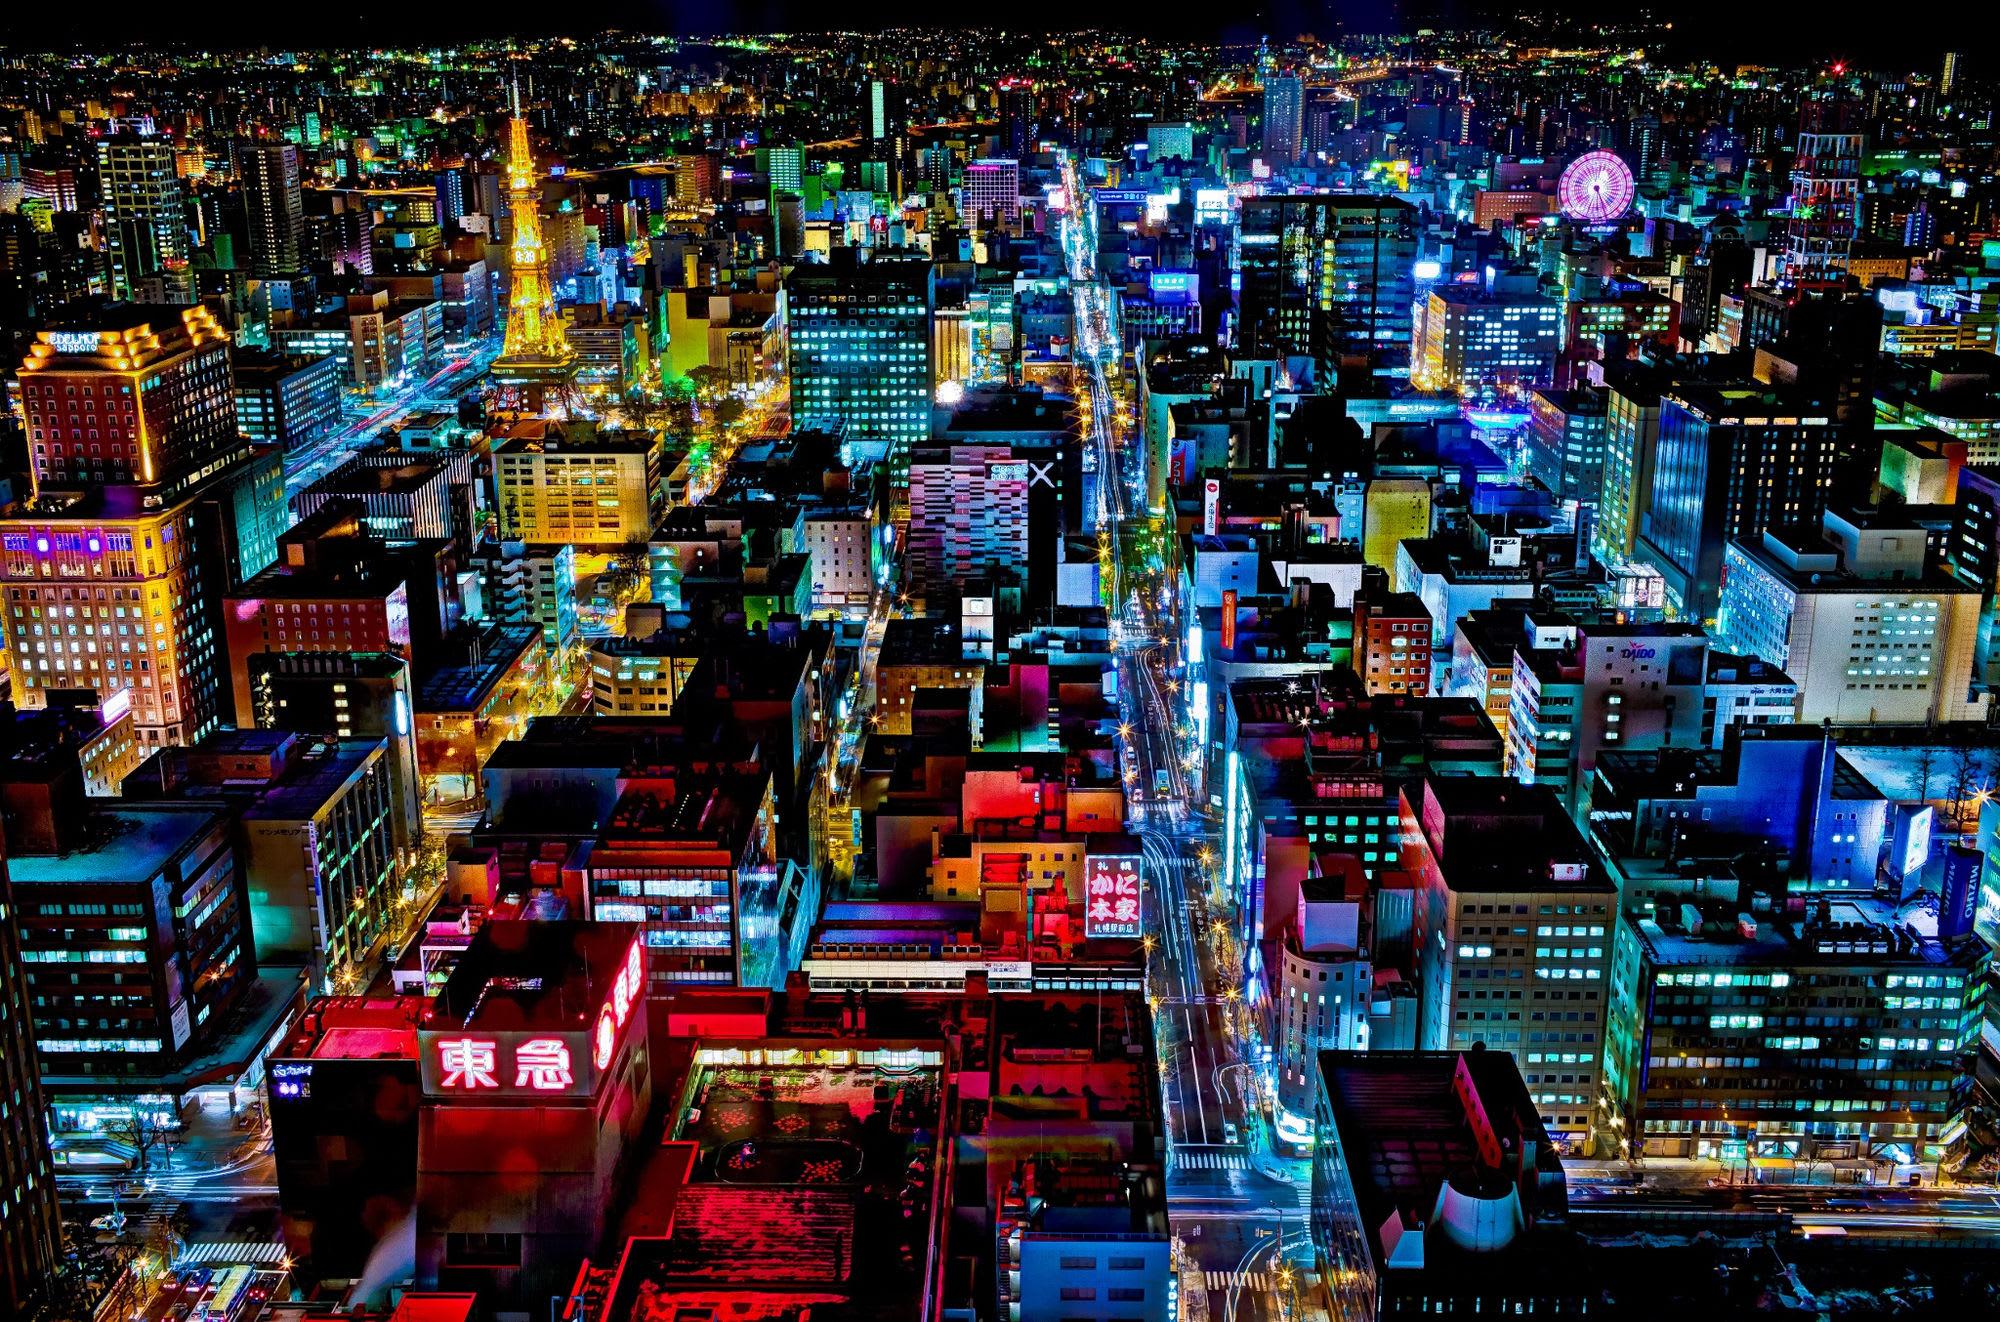 hướng dẫn sử dụng jr pass khu vực hokkaido: hokkaido về đêm